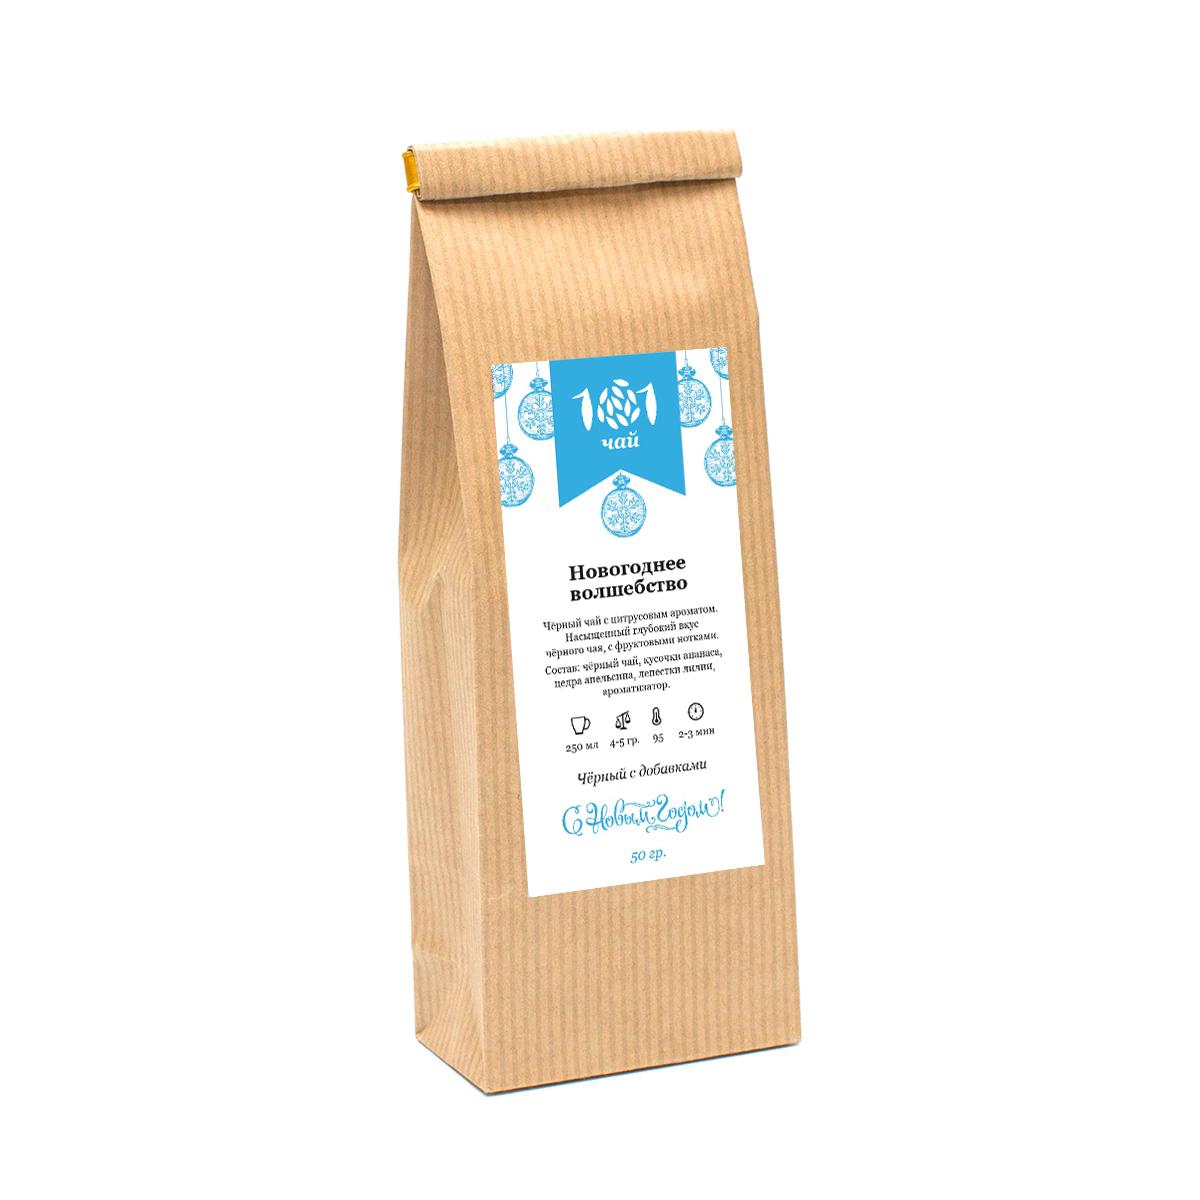 Черный чай Новогоднее волшебство №2 (лот - 50 шт) цена